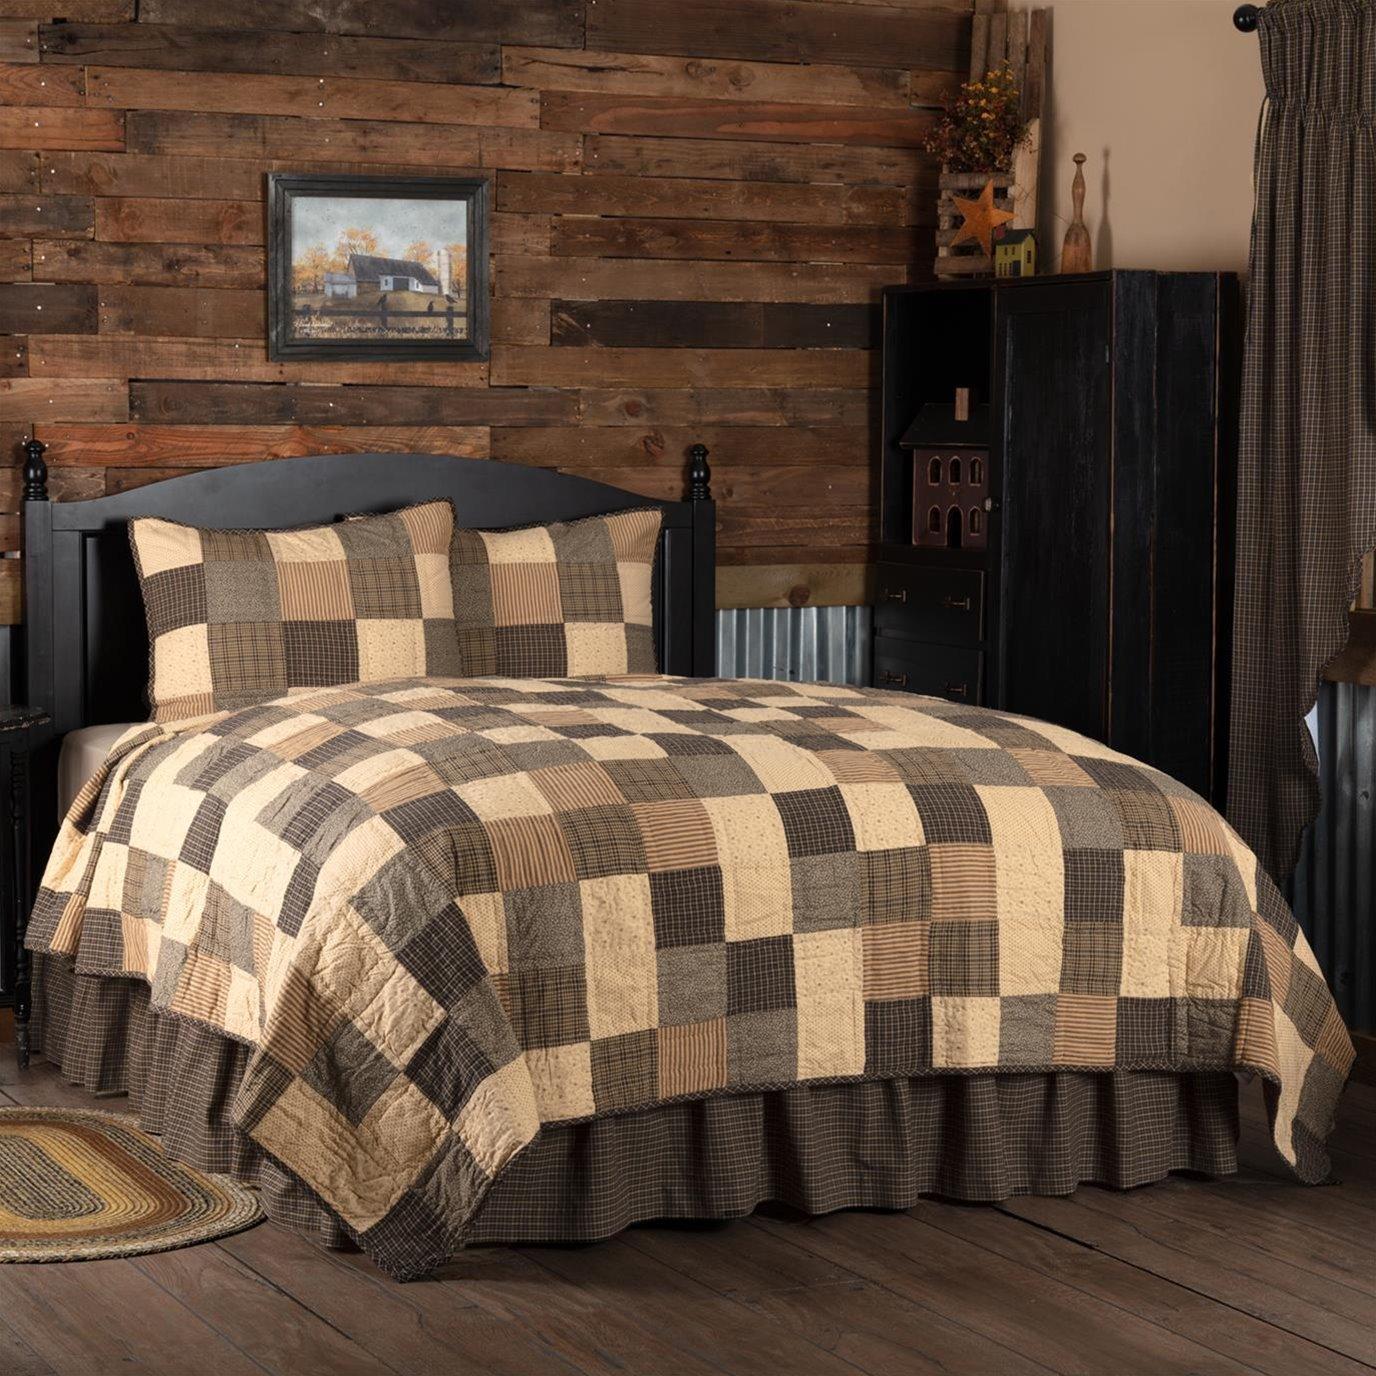 Kettle Grove Twin Quilt Set; 1-Quilt 70Wx90L w/1 Sham 21x27